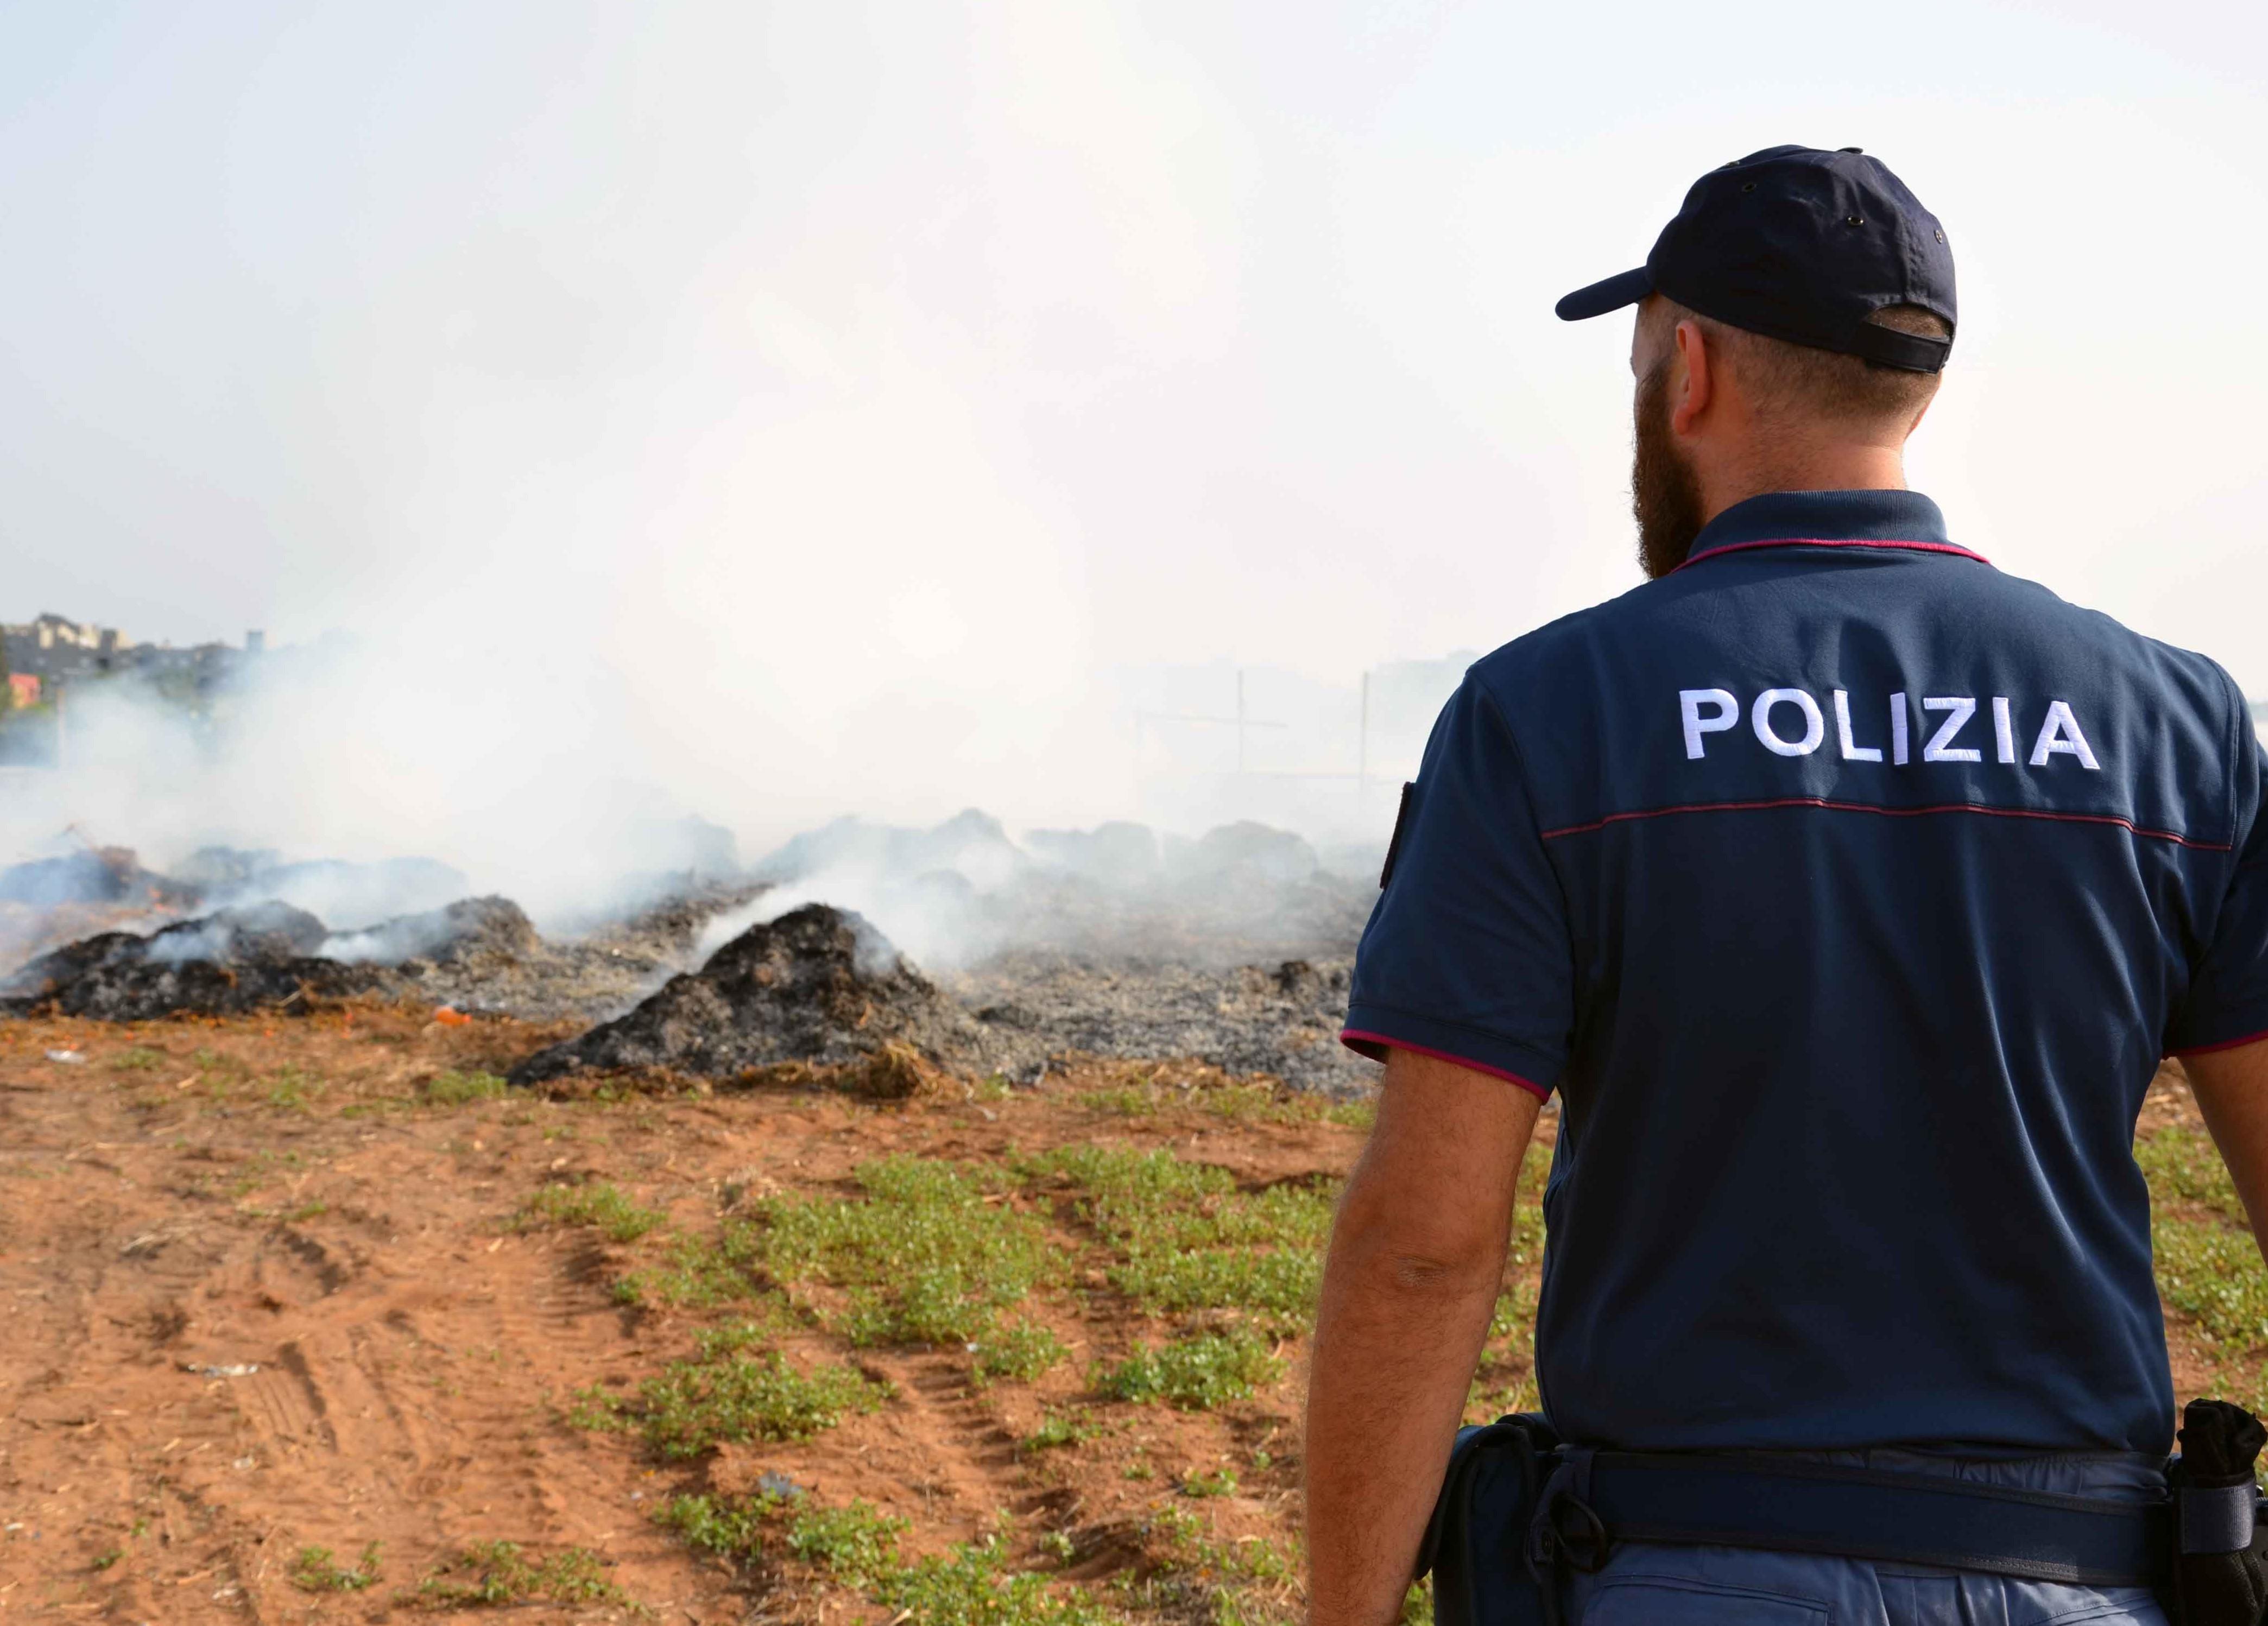 Fumi tossici nella zona Tra Vittoria e Scoglitti: tre denunciati